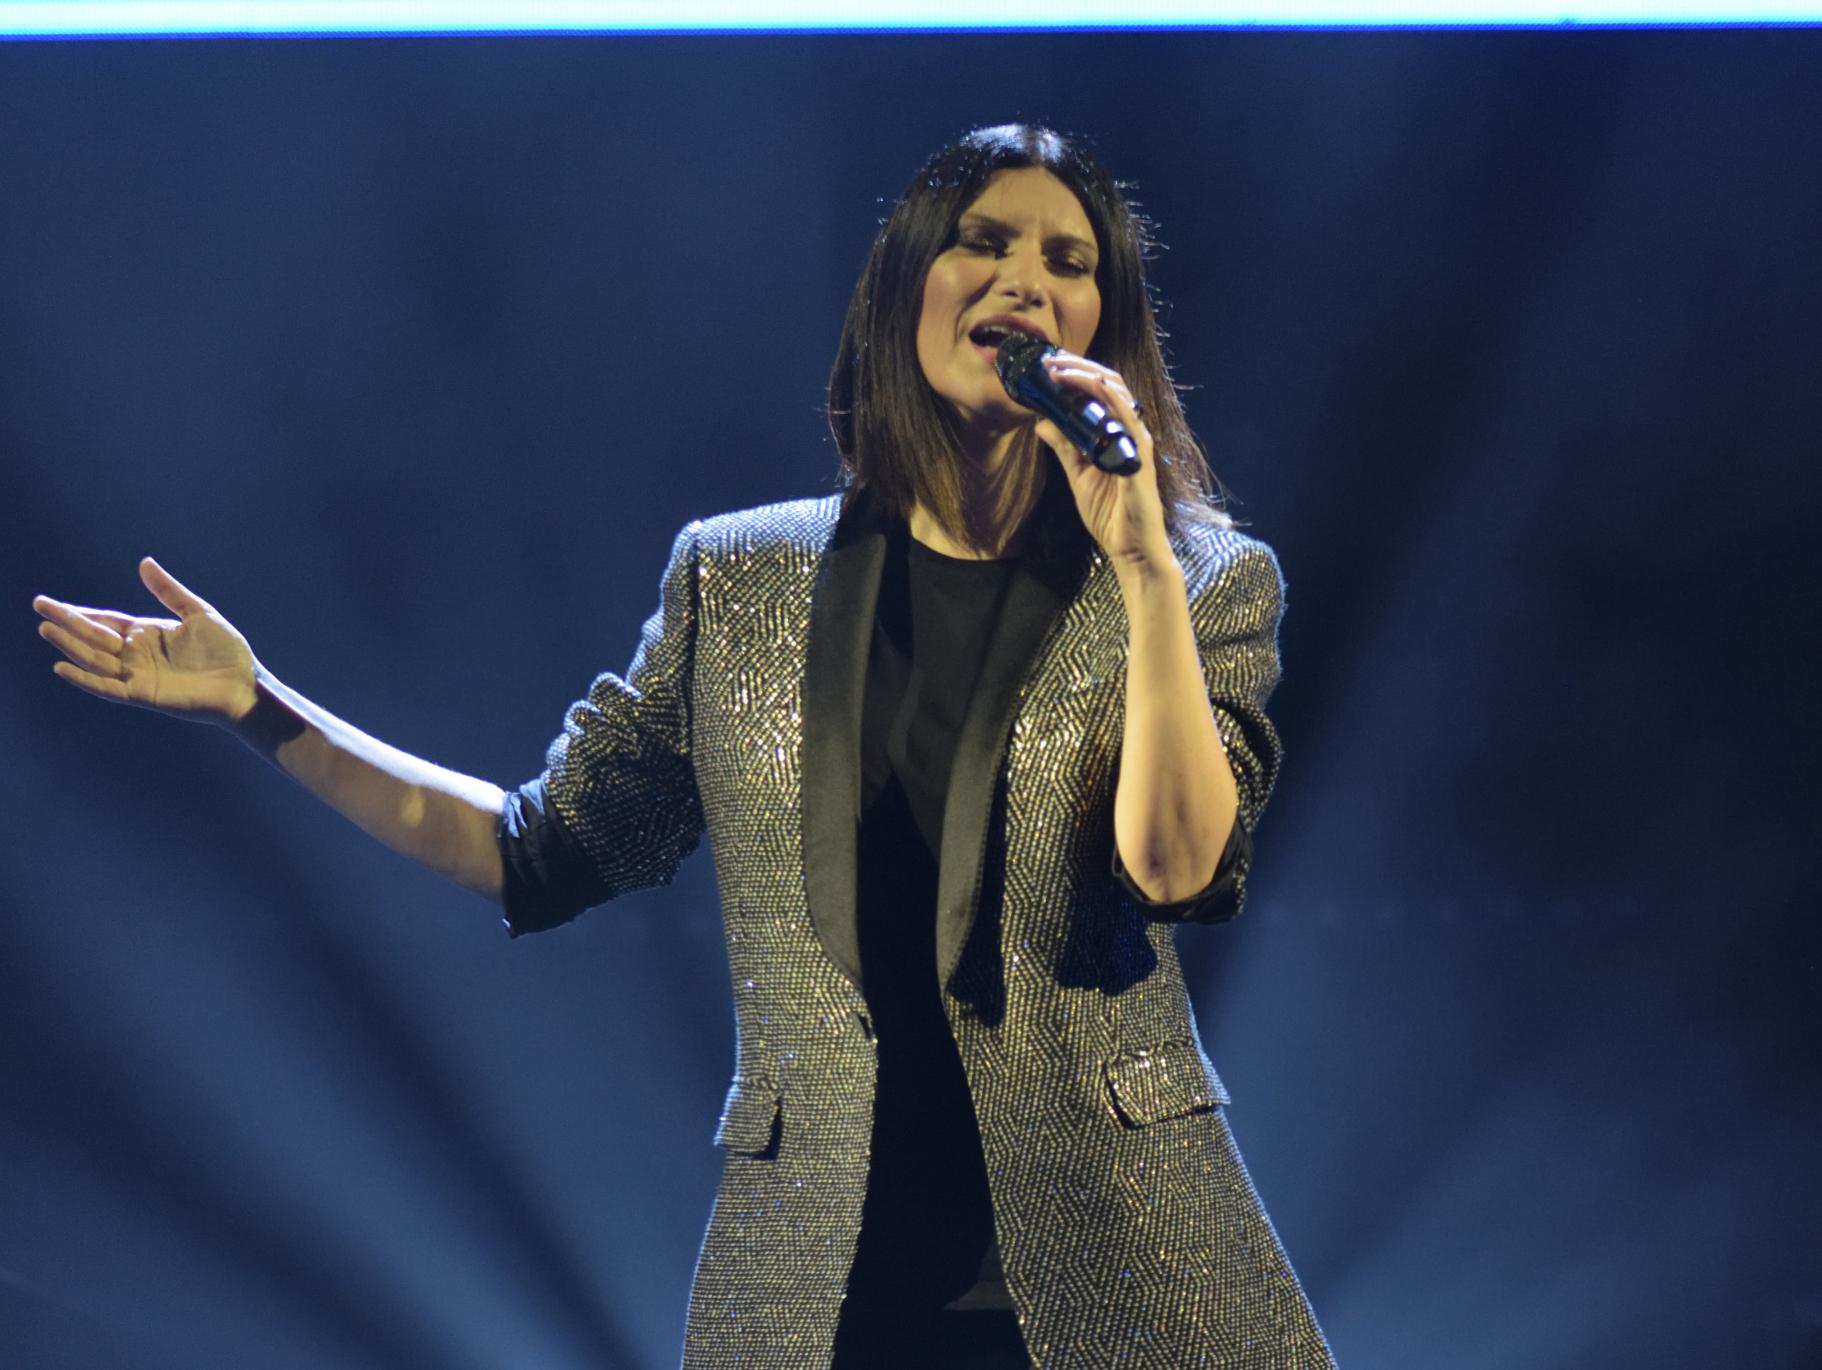 Musica, sold out per le due date dei concerti  di Laura Pausini ad Acireale